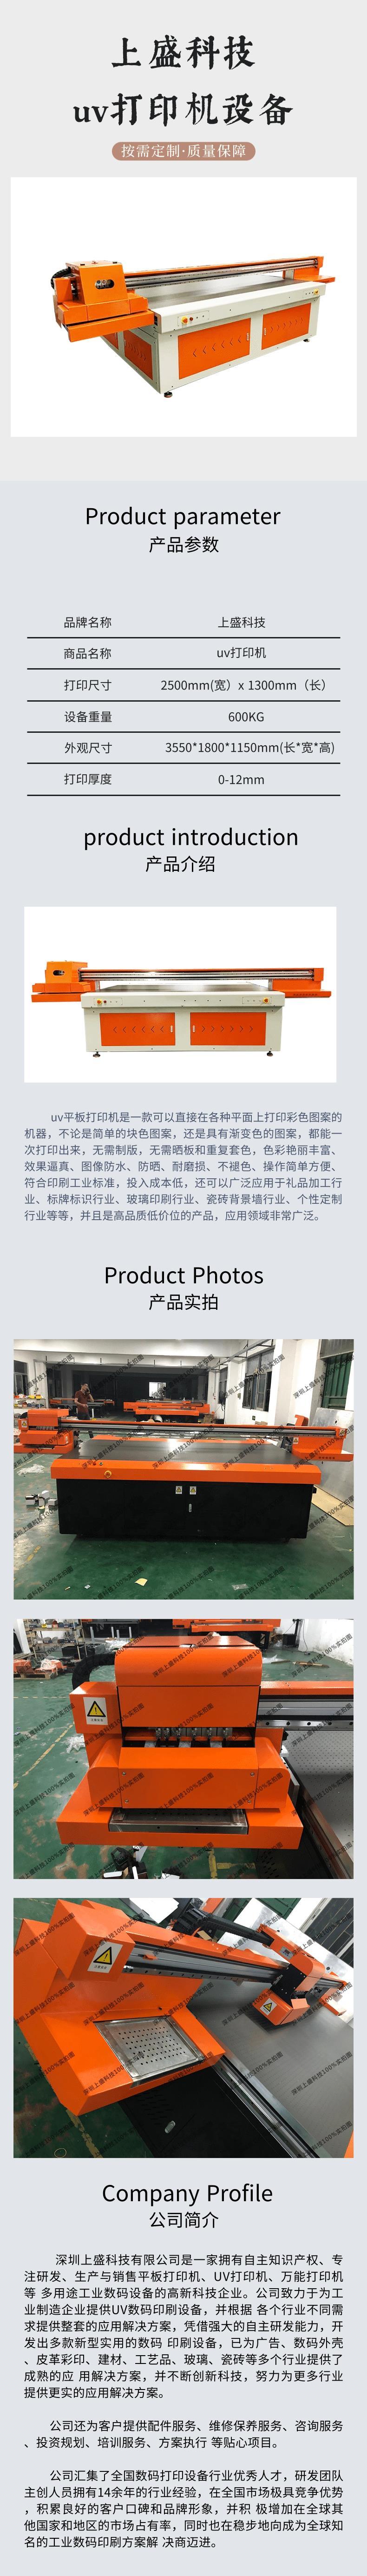 UV喷墨打印机 济南新款玻璃打印机规格